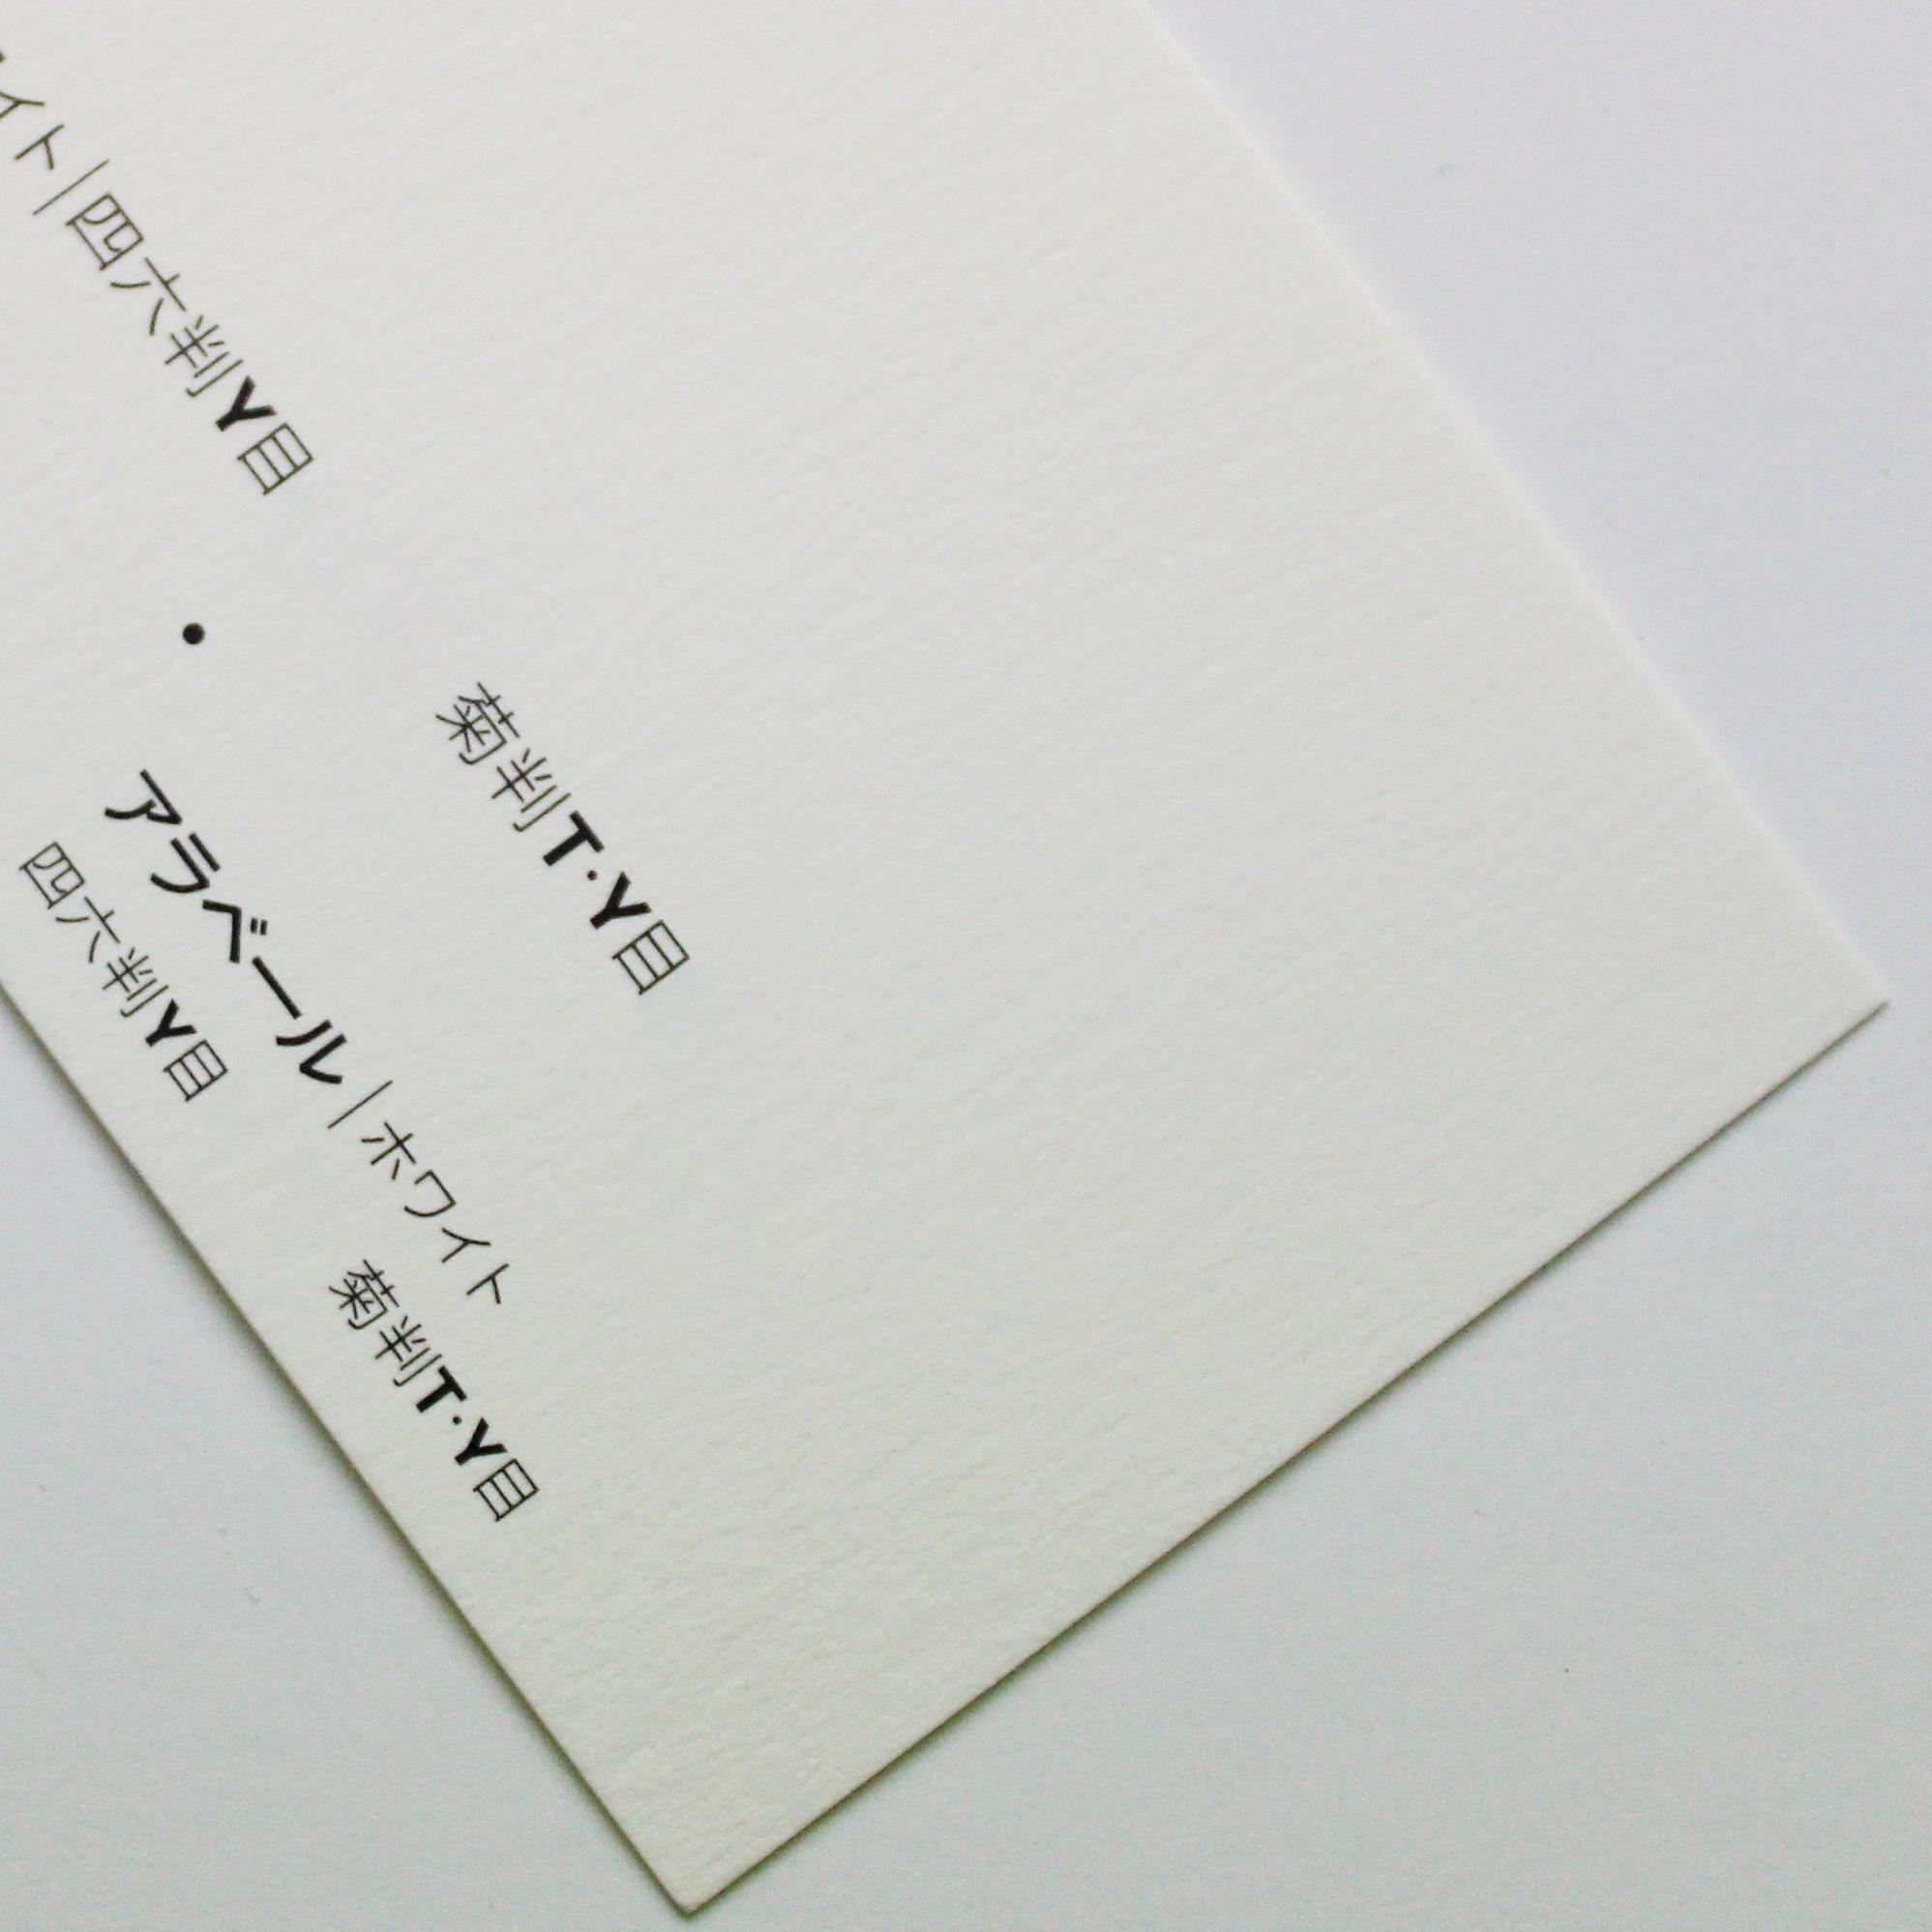 アラベール-FS (ホワイト) 70kg 4/6判